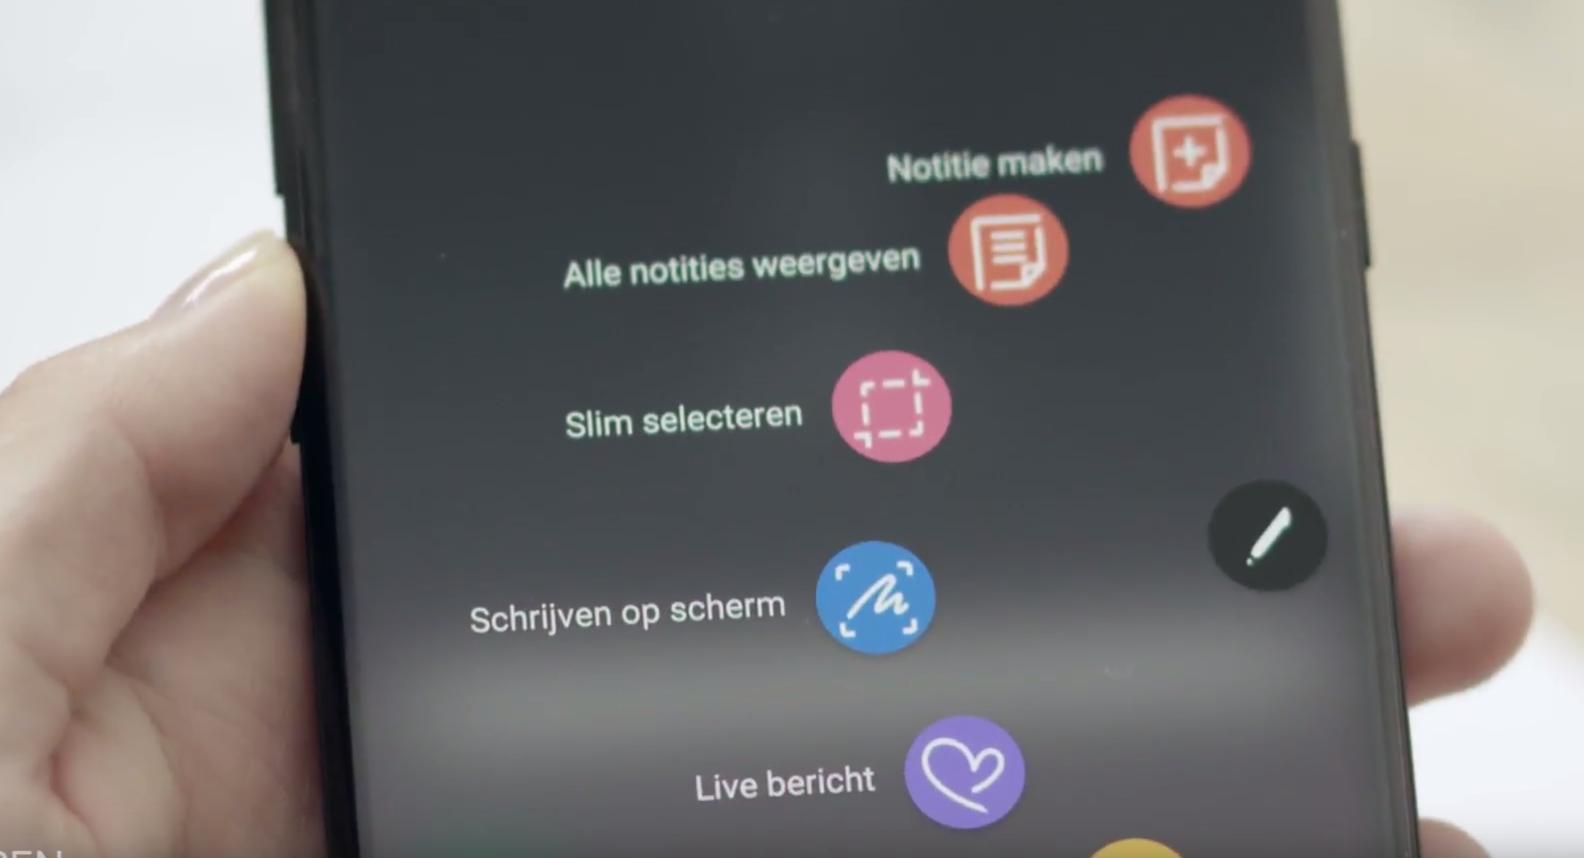 Hoe maak ik een GIF met Slim selecteren op de Galaxy Note8